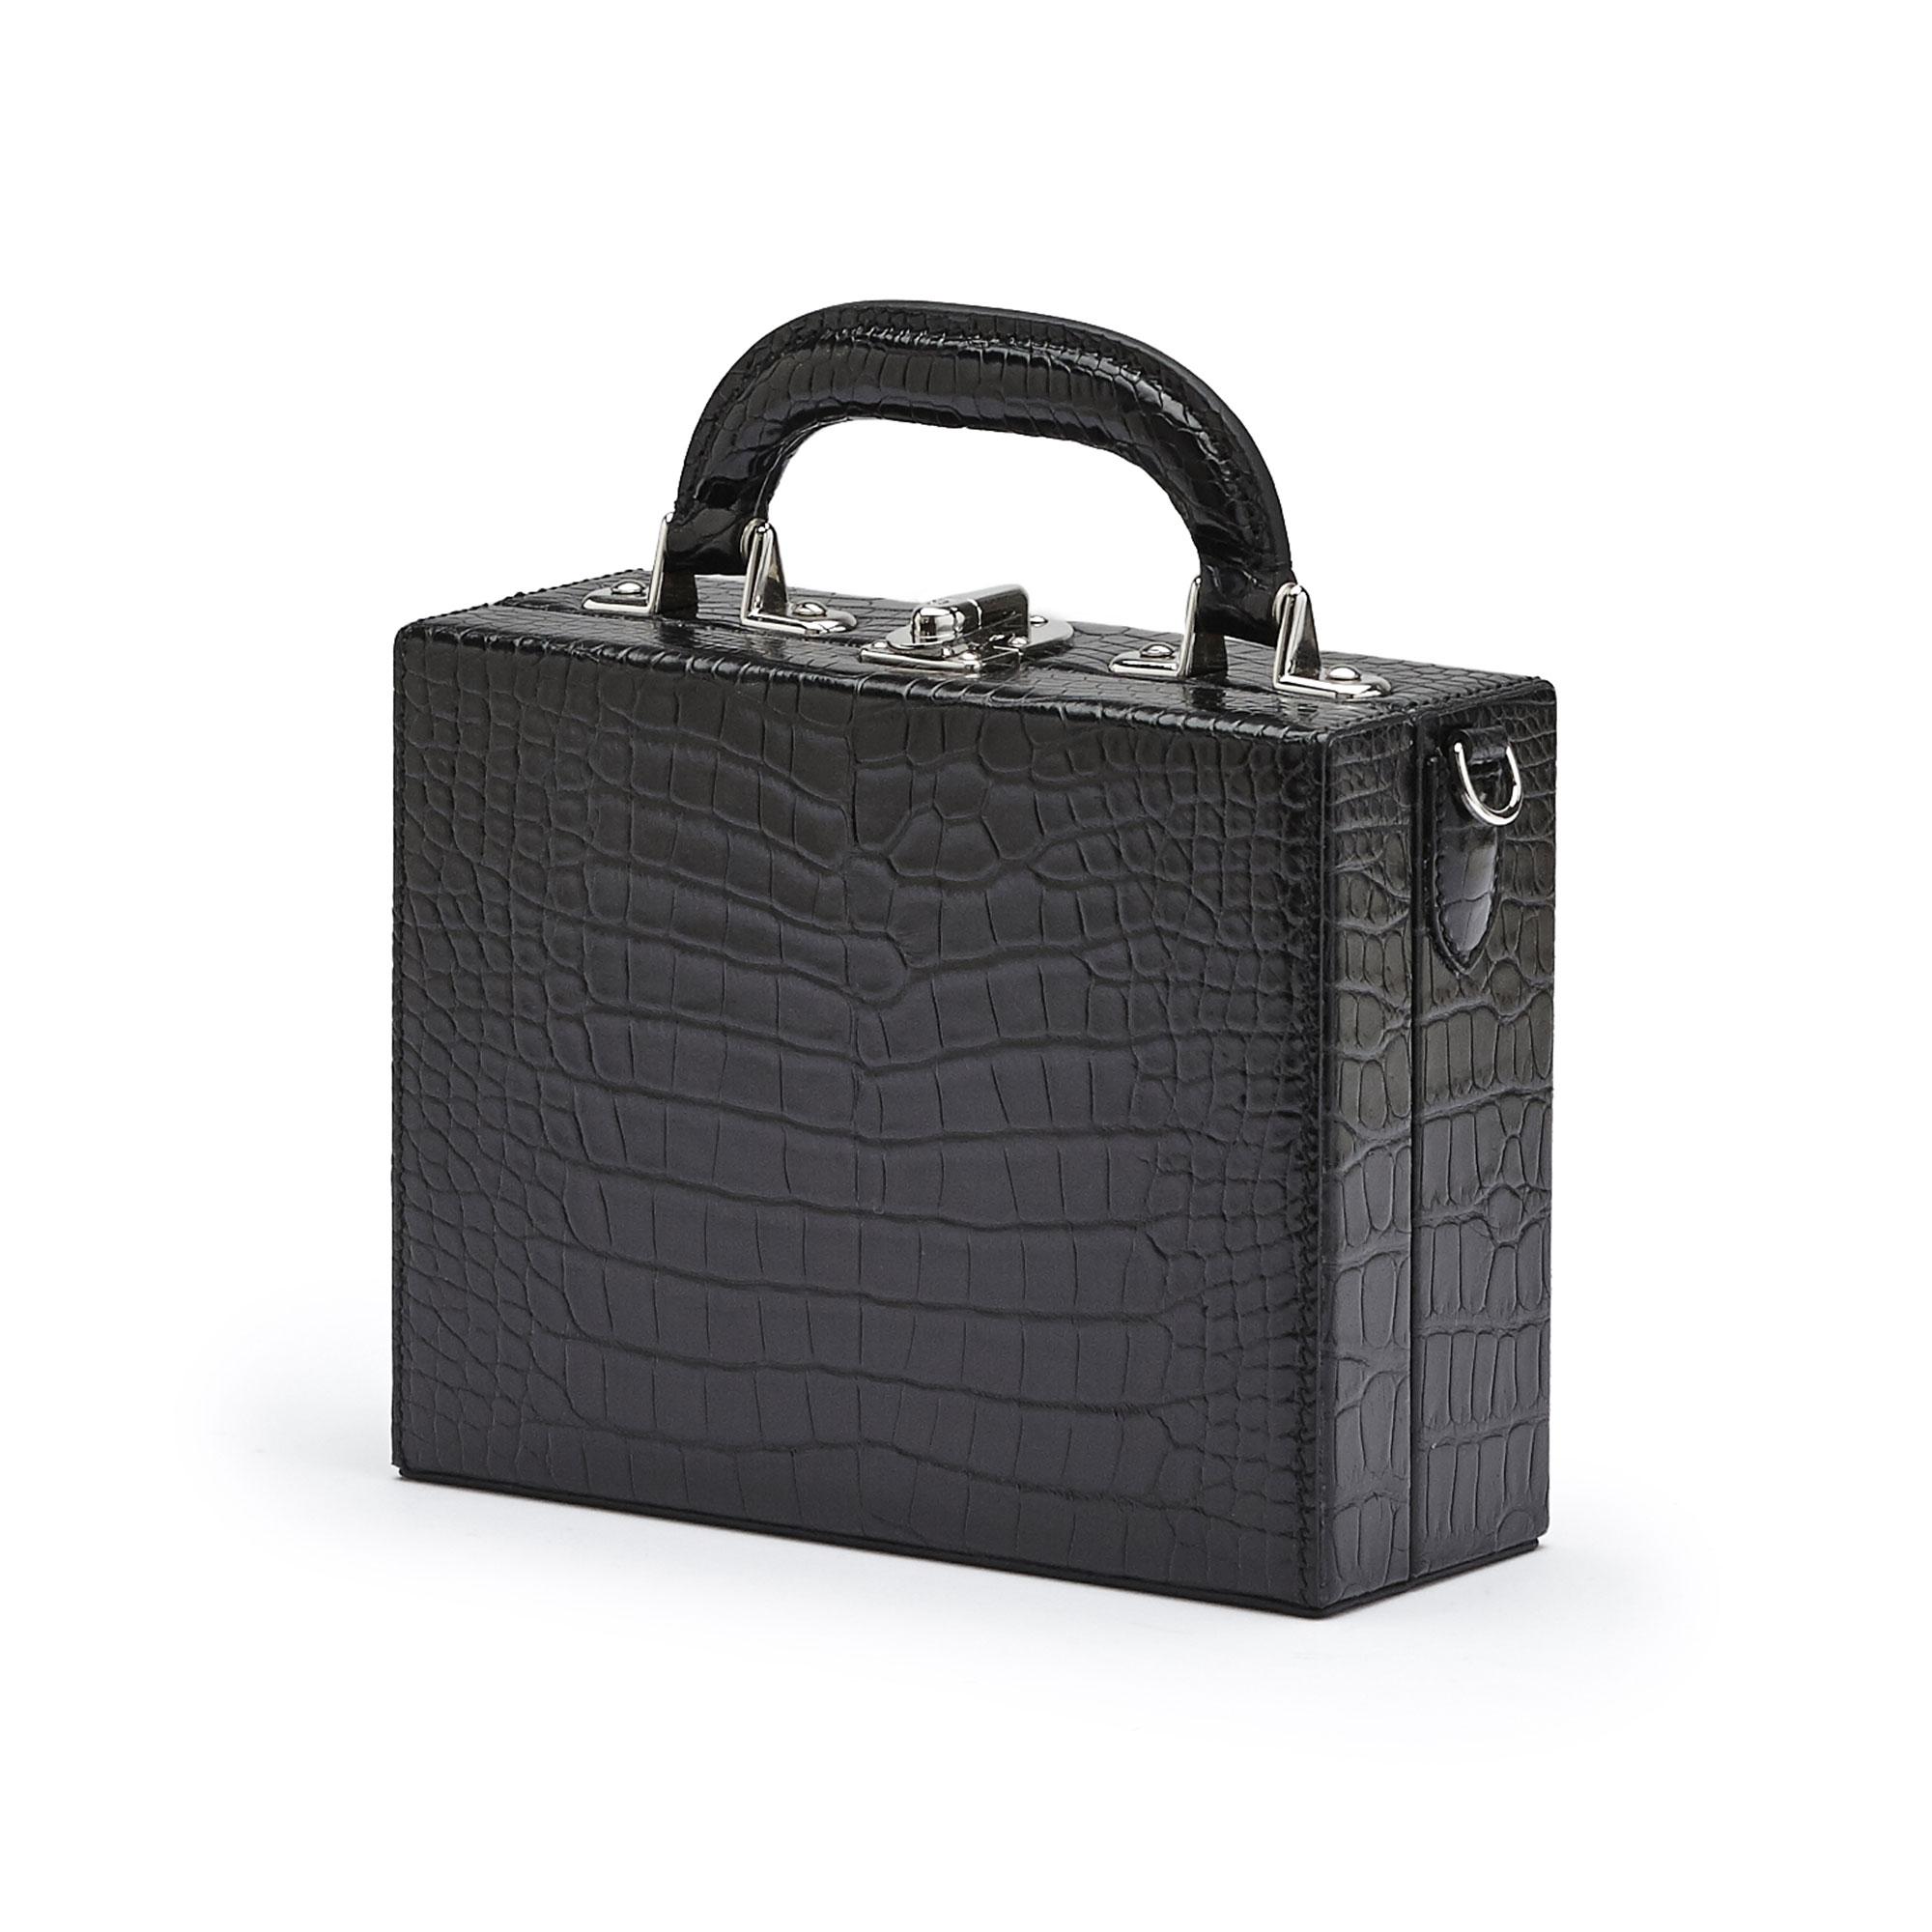 The black alligator Mini Squared Bertoncina bag by Bertoni 1949 02